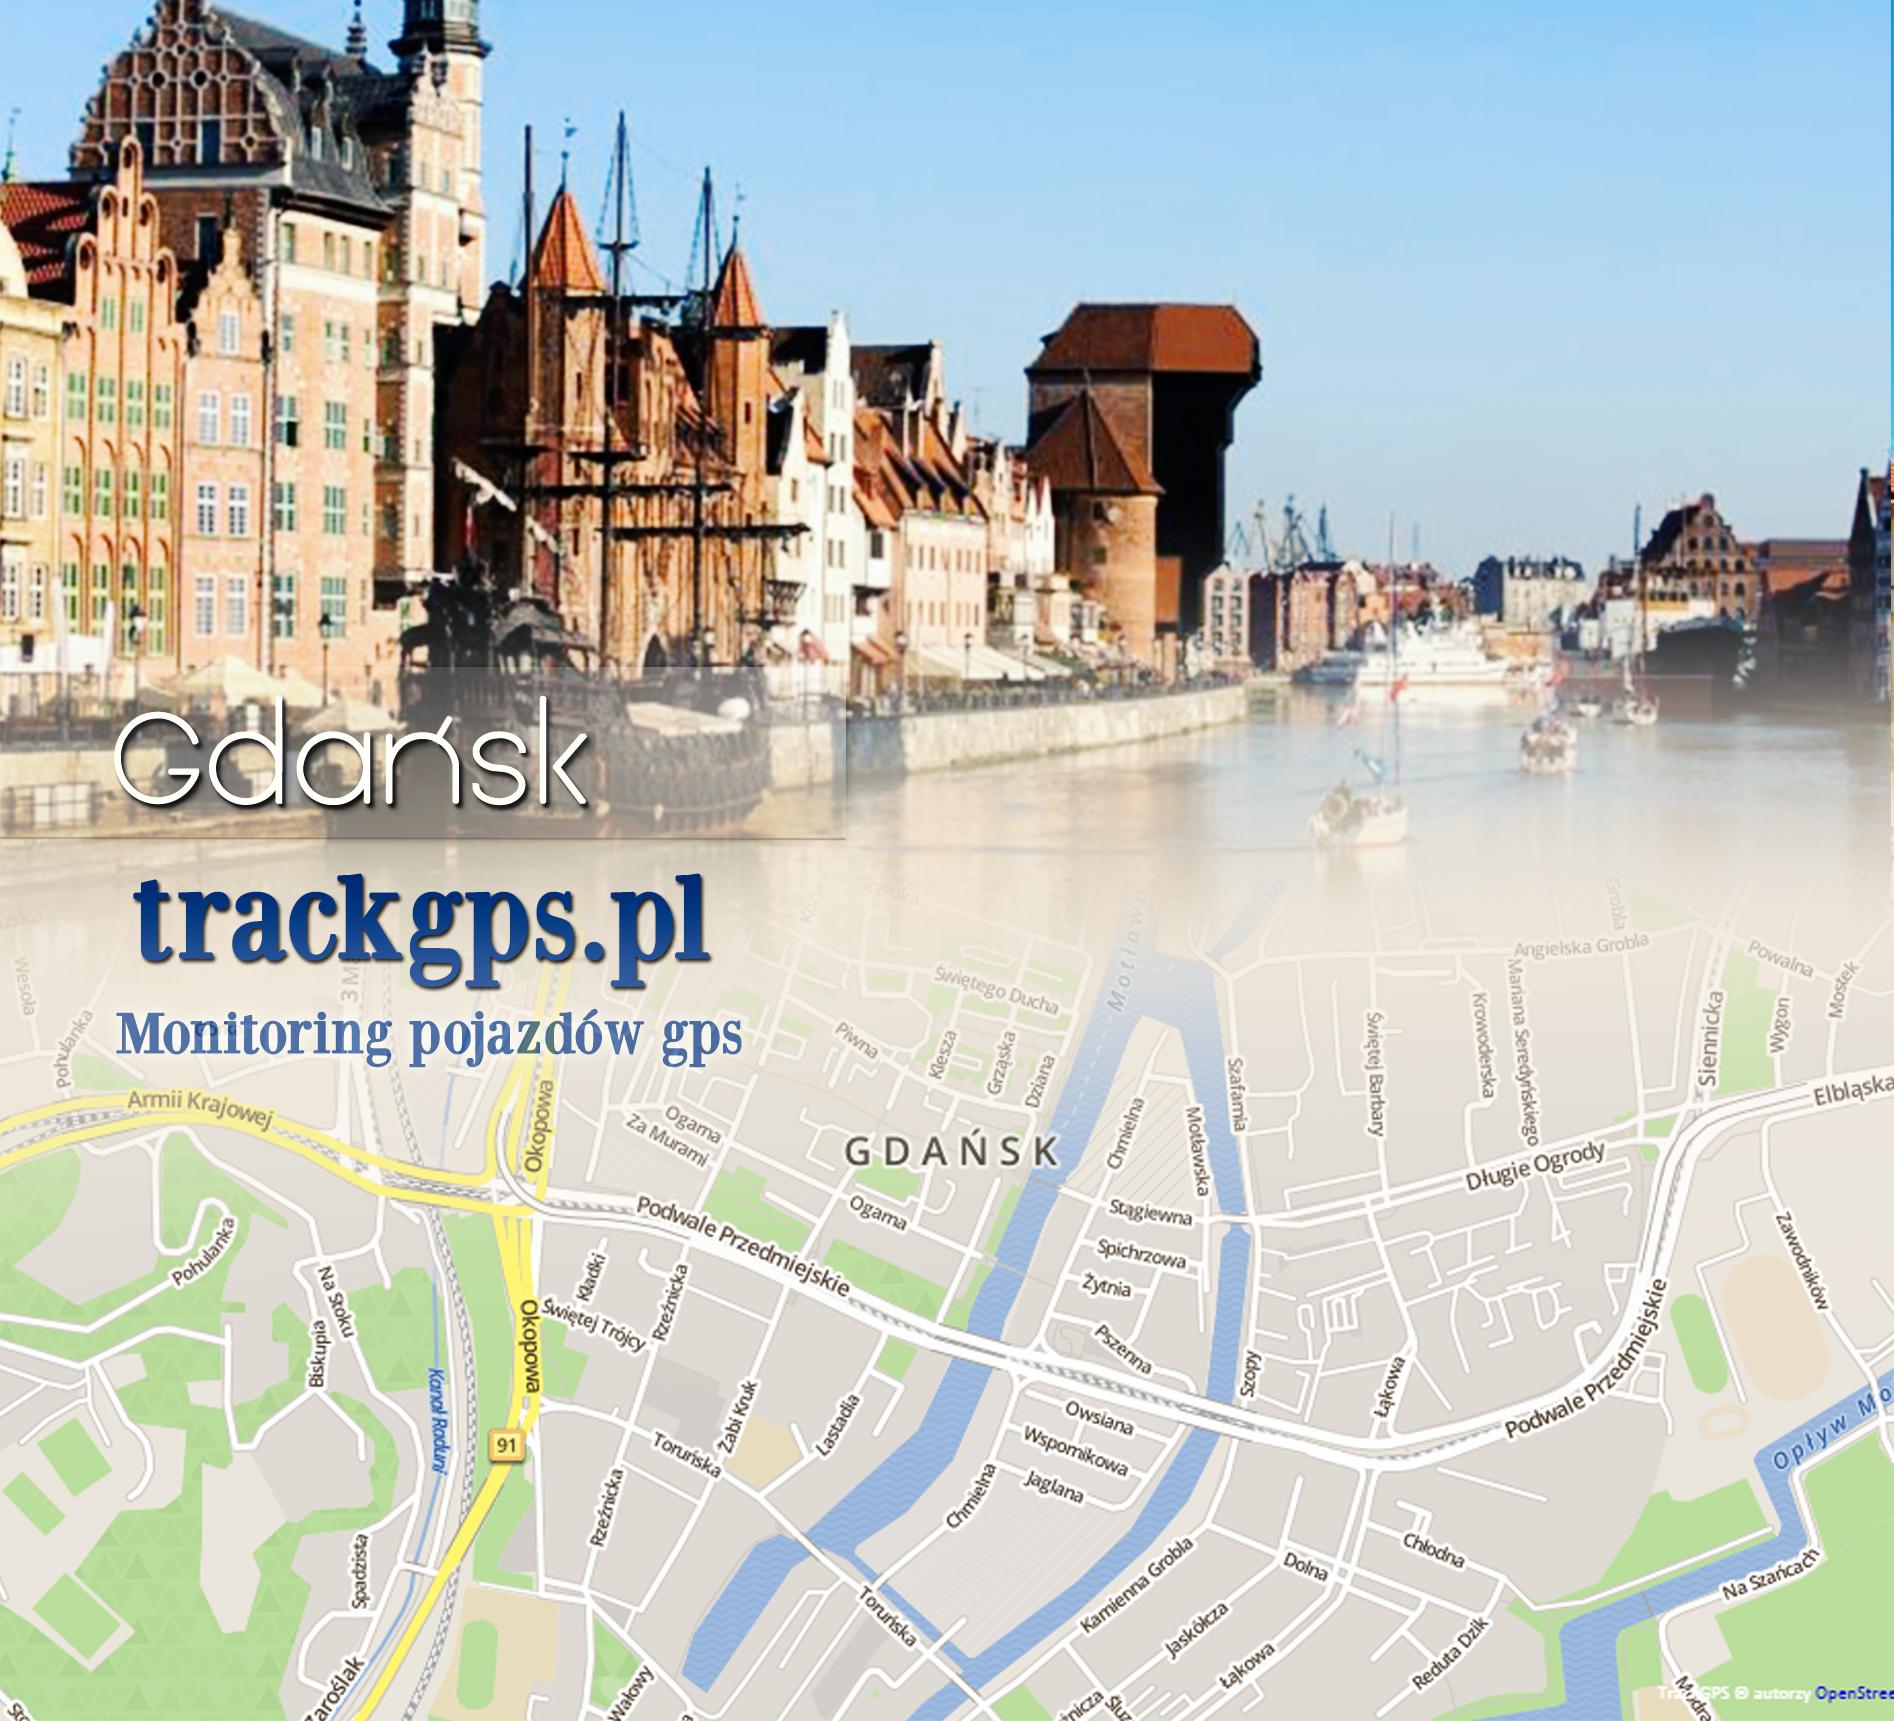 mapa gdansk